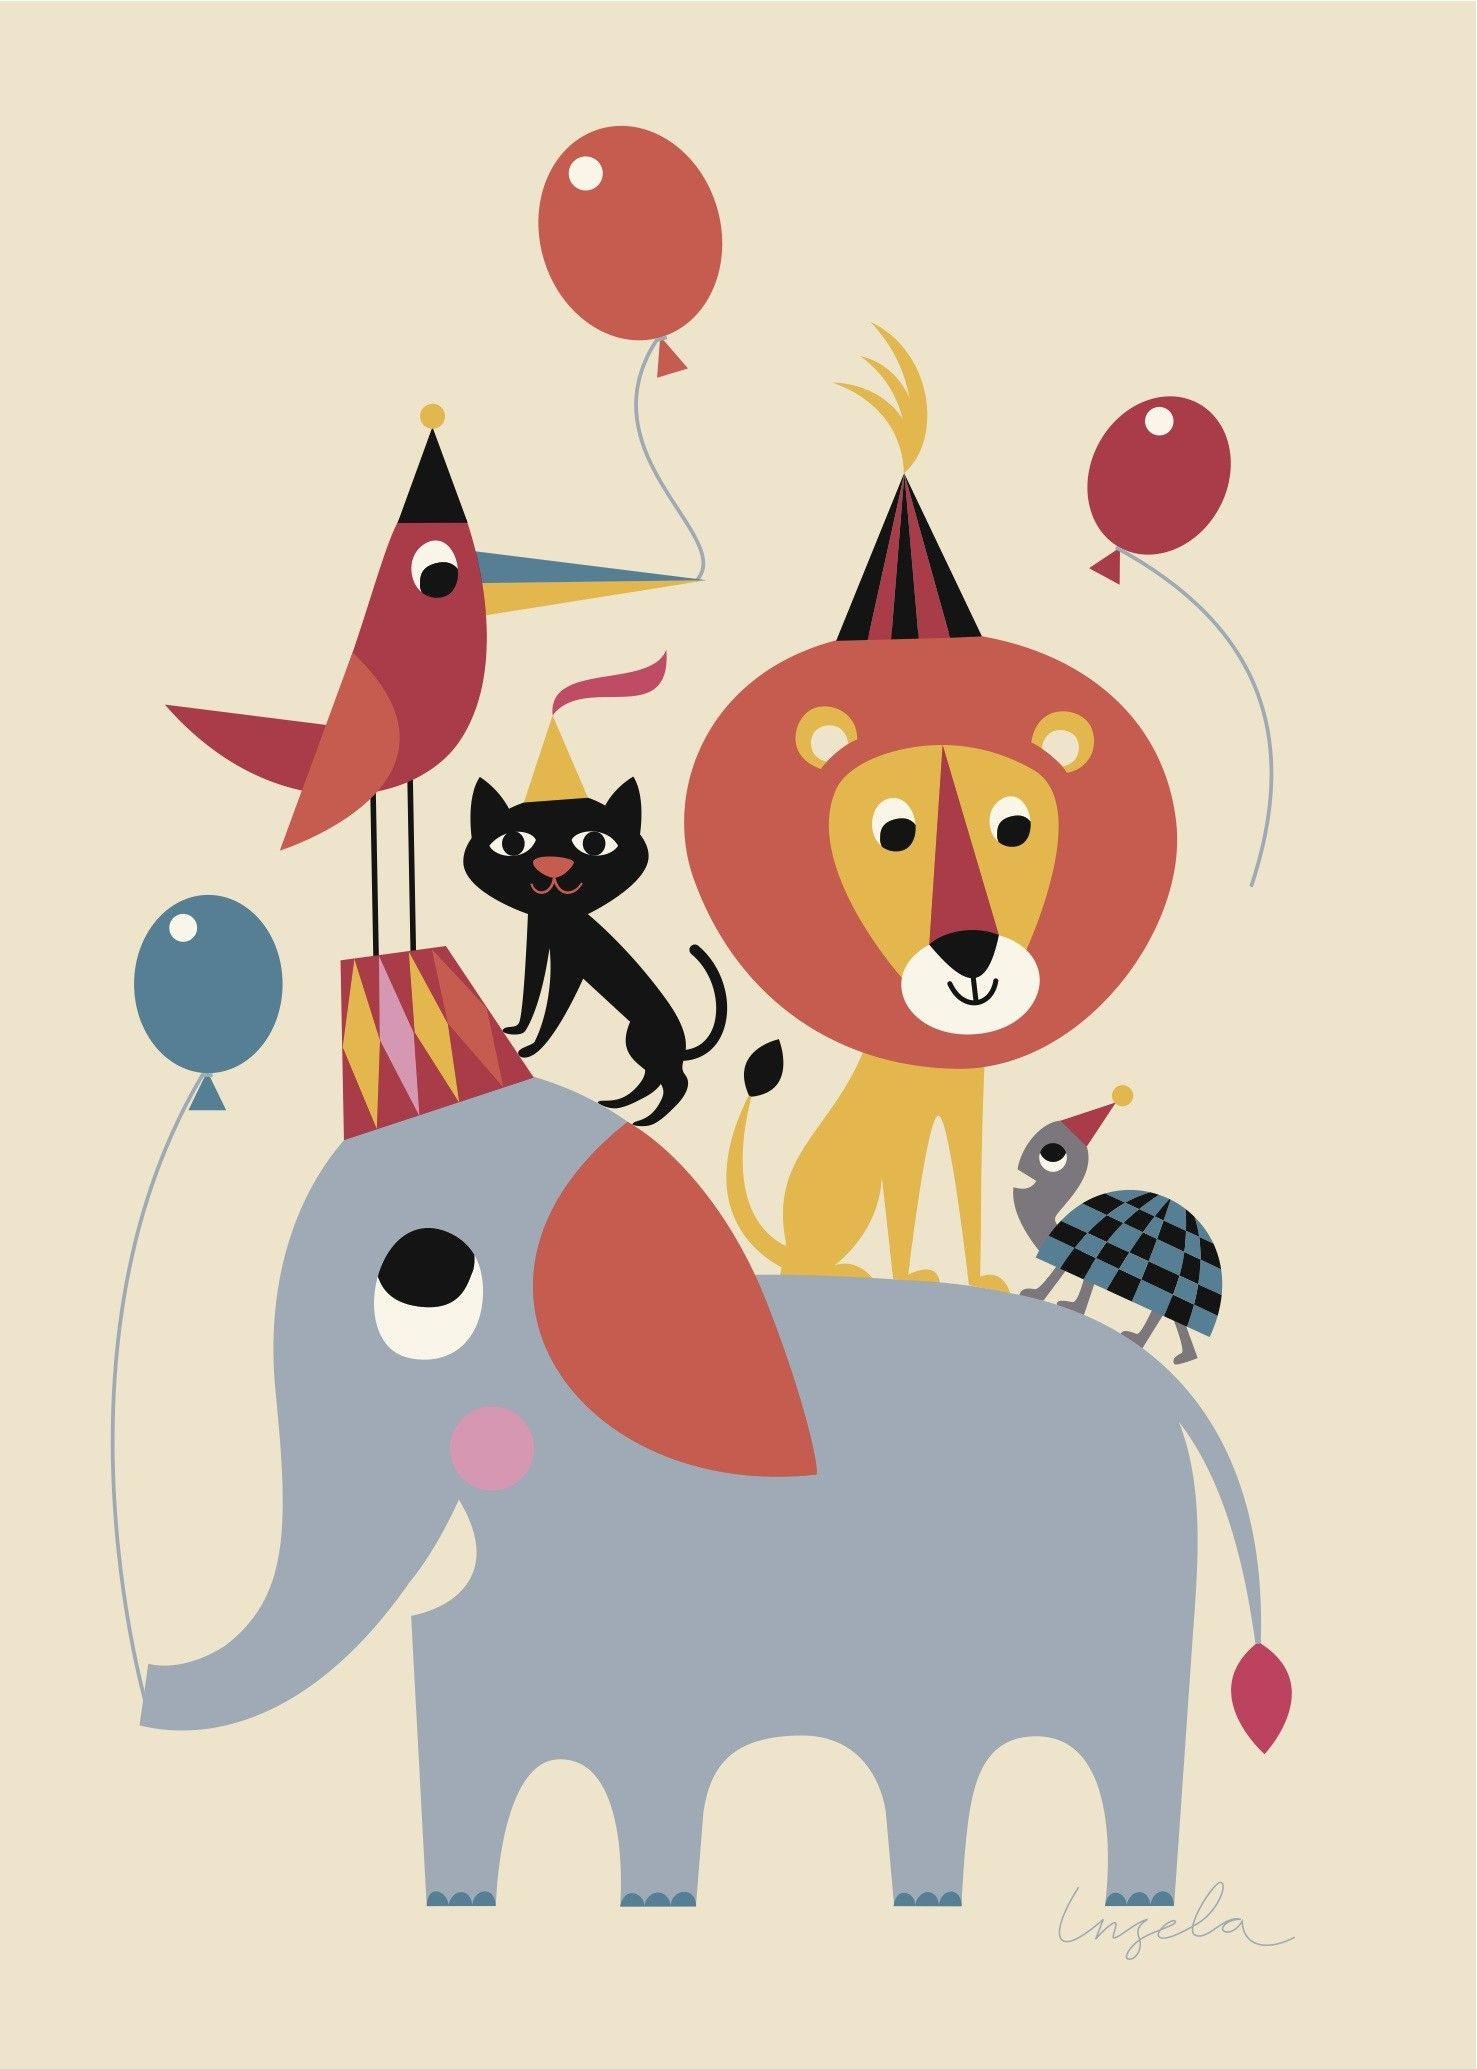 épinglé par Mikko & Flo sur Anniversaire Pinterest